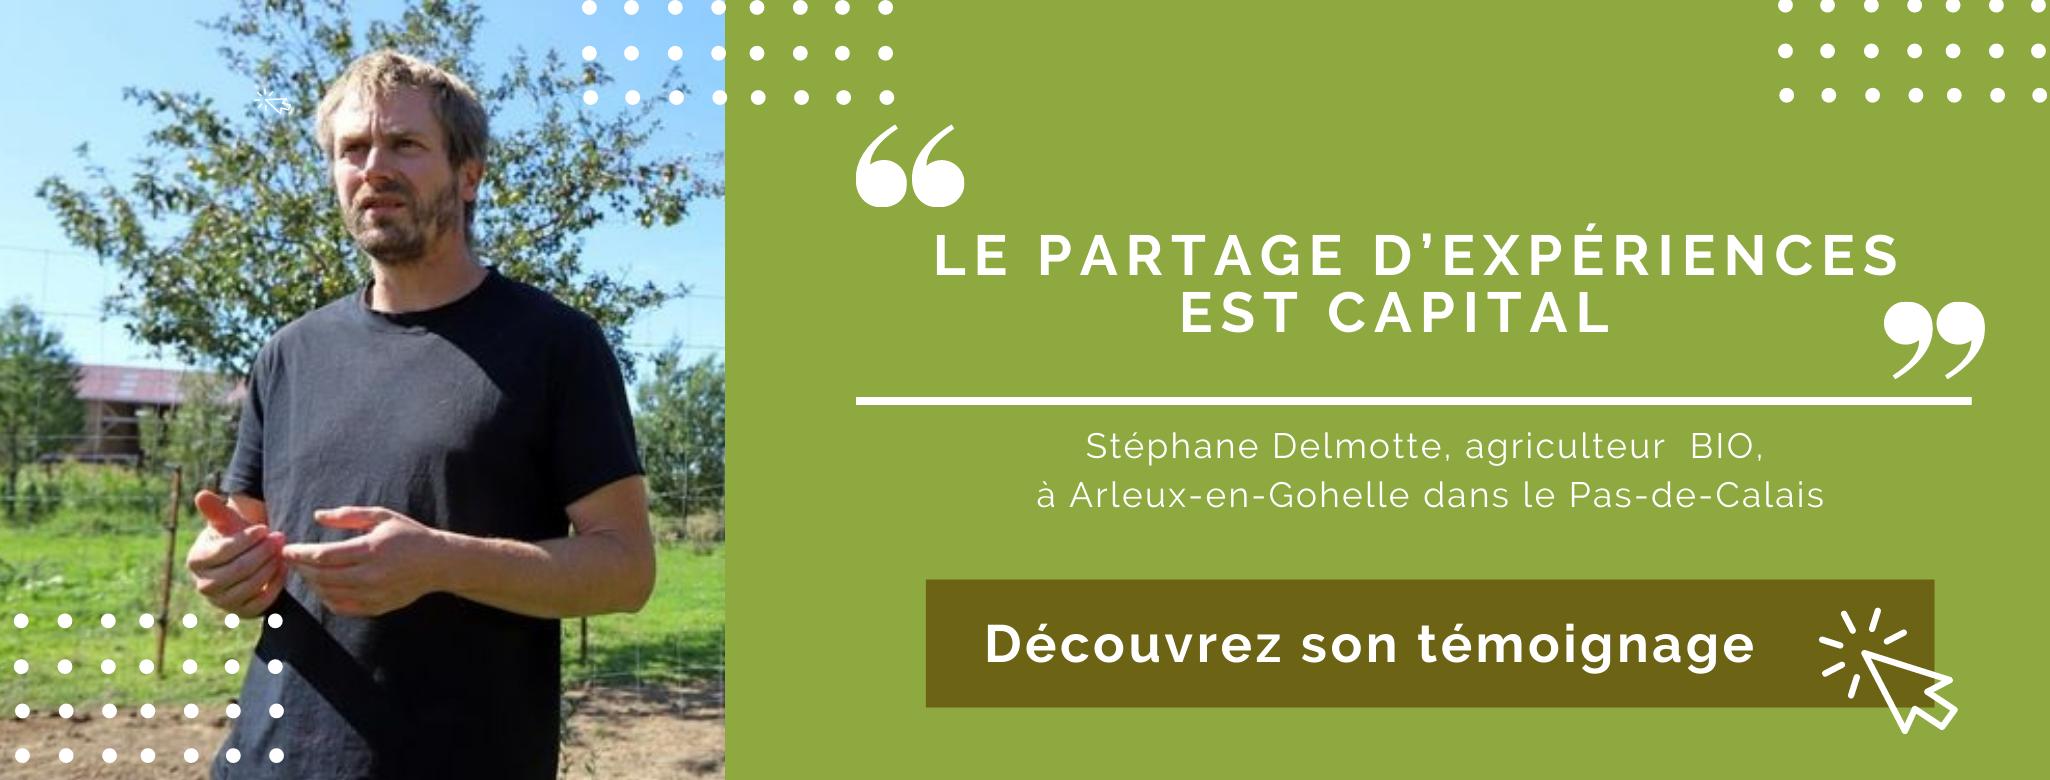 Stéphane Delmotte agriculteur Bio dans le nord pas de calais